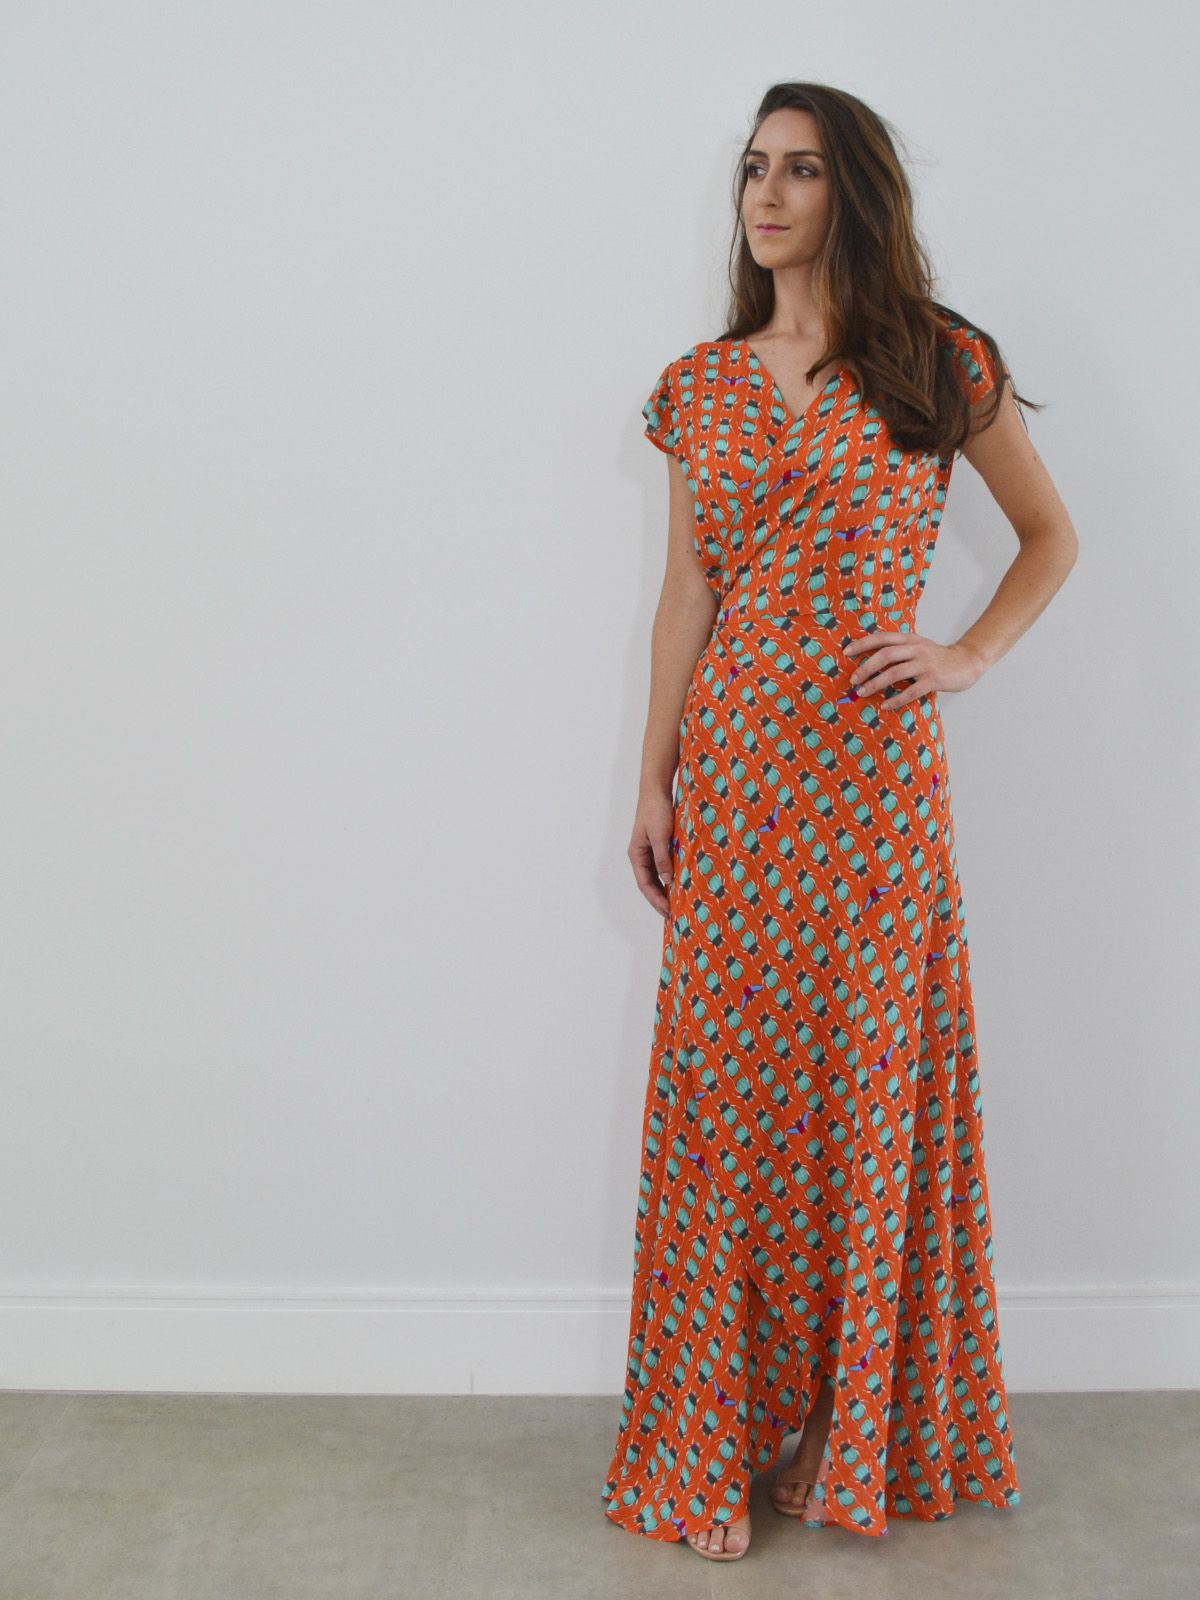 6d1bb6b59e vestido longo transpassado envelope - estampado Besouro - Alle Röcke -  compre online